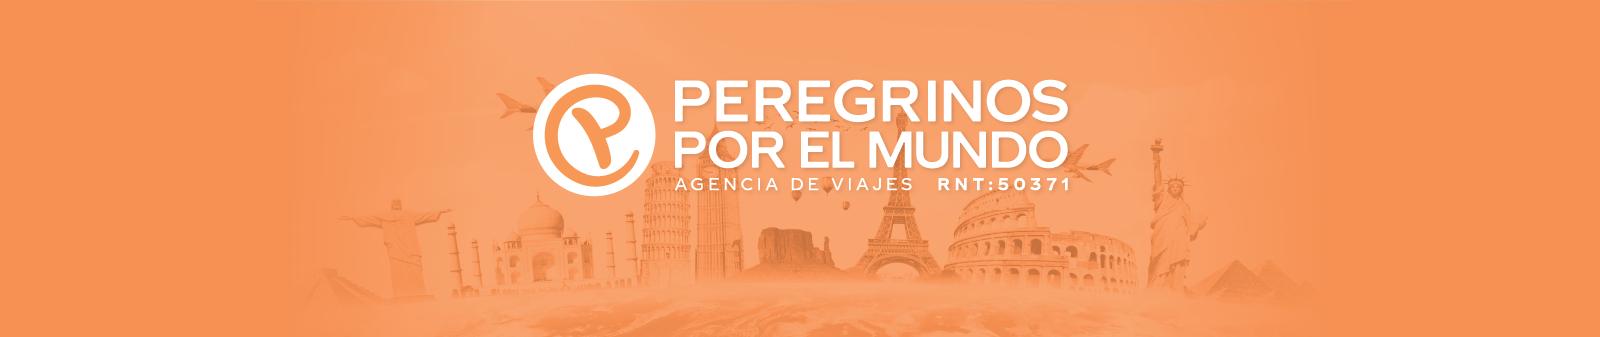 Peregrinos por el Mundo Tu Agencia de Viajes y Turismo. RNT. 50371